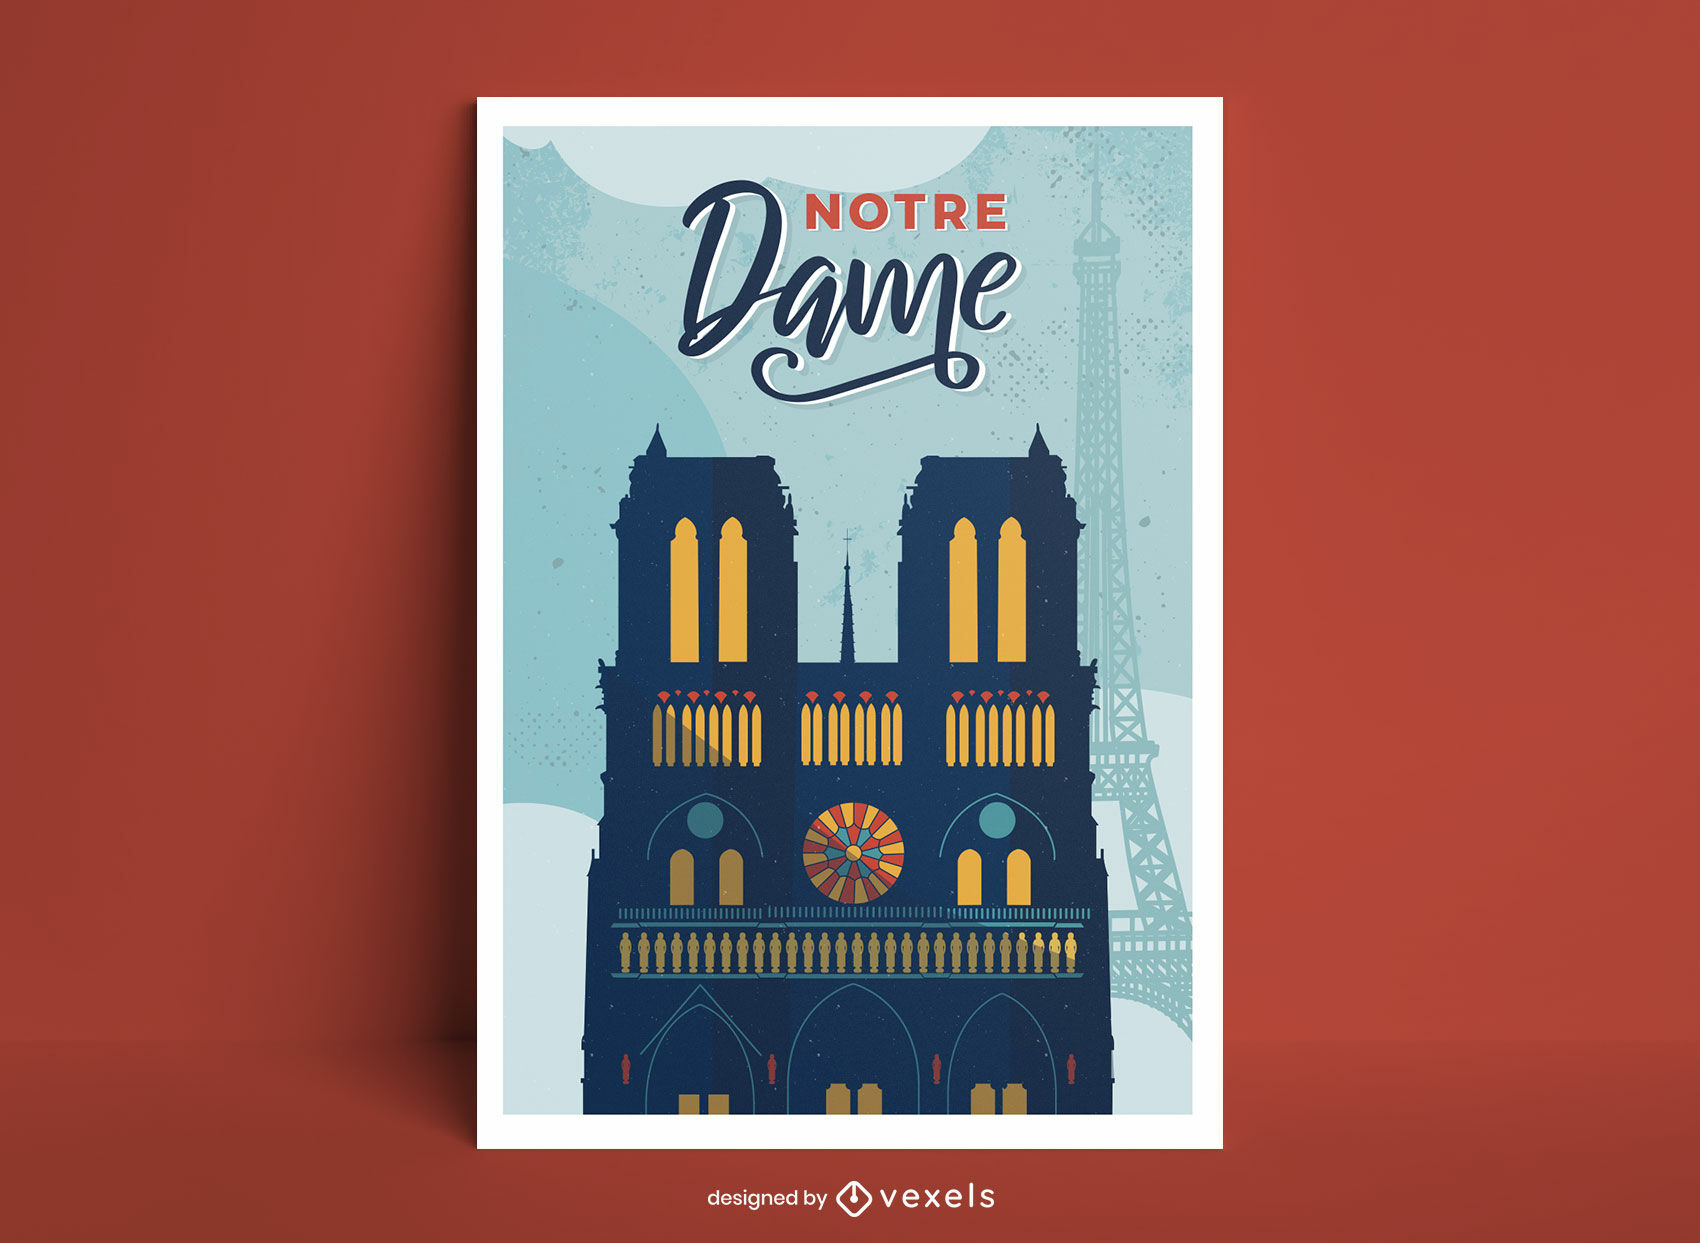 Notre dame building france poster design